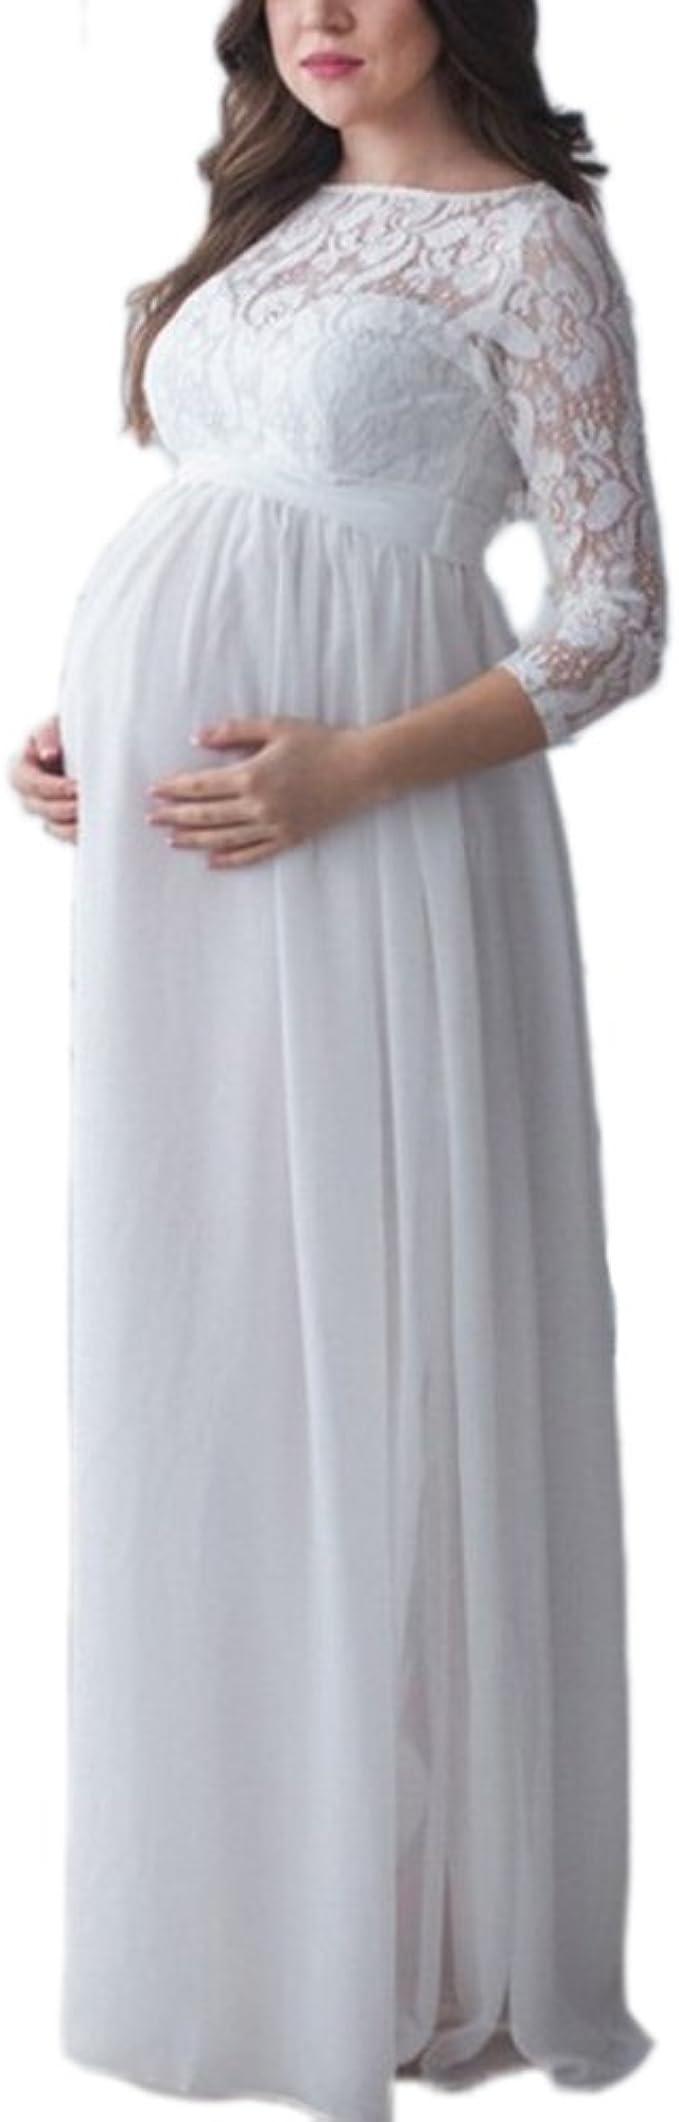 keephen Vestido Largo Maxi de Encaje Maternidad Mujeres Embarazadas Vestido de fotograf/ía apoyos Ropa Amigo//Amante Vestido de Noche del Partido